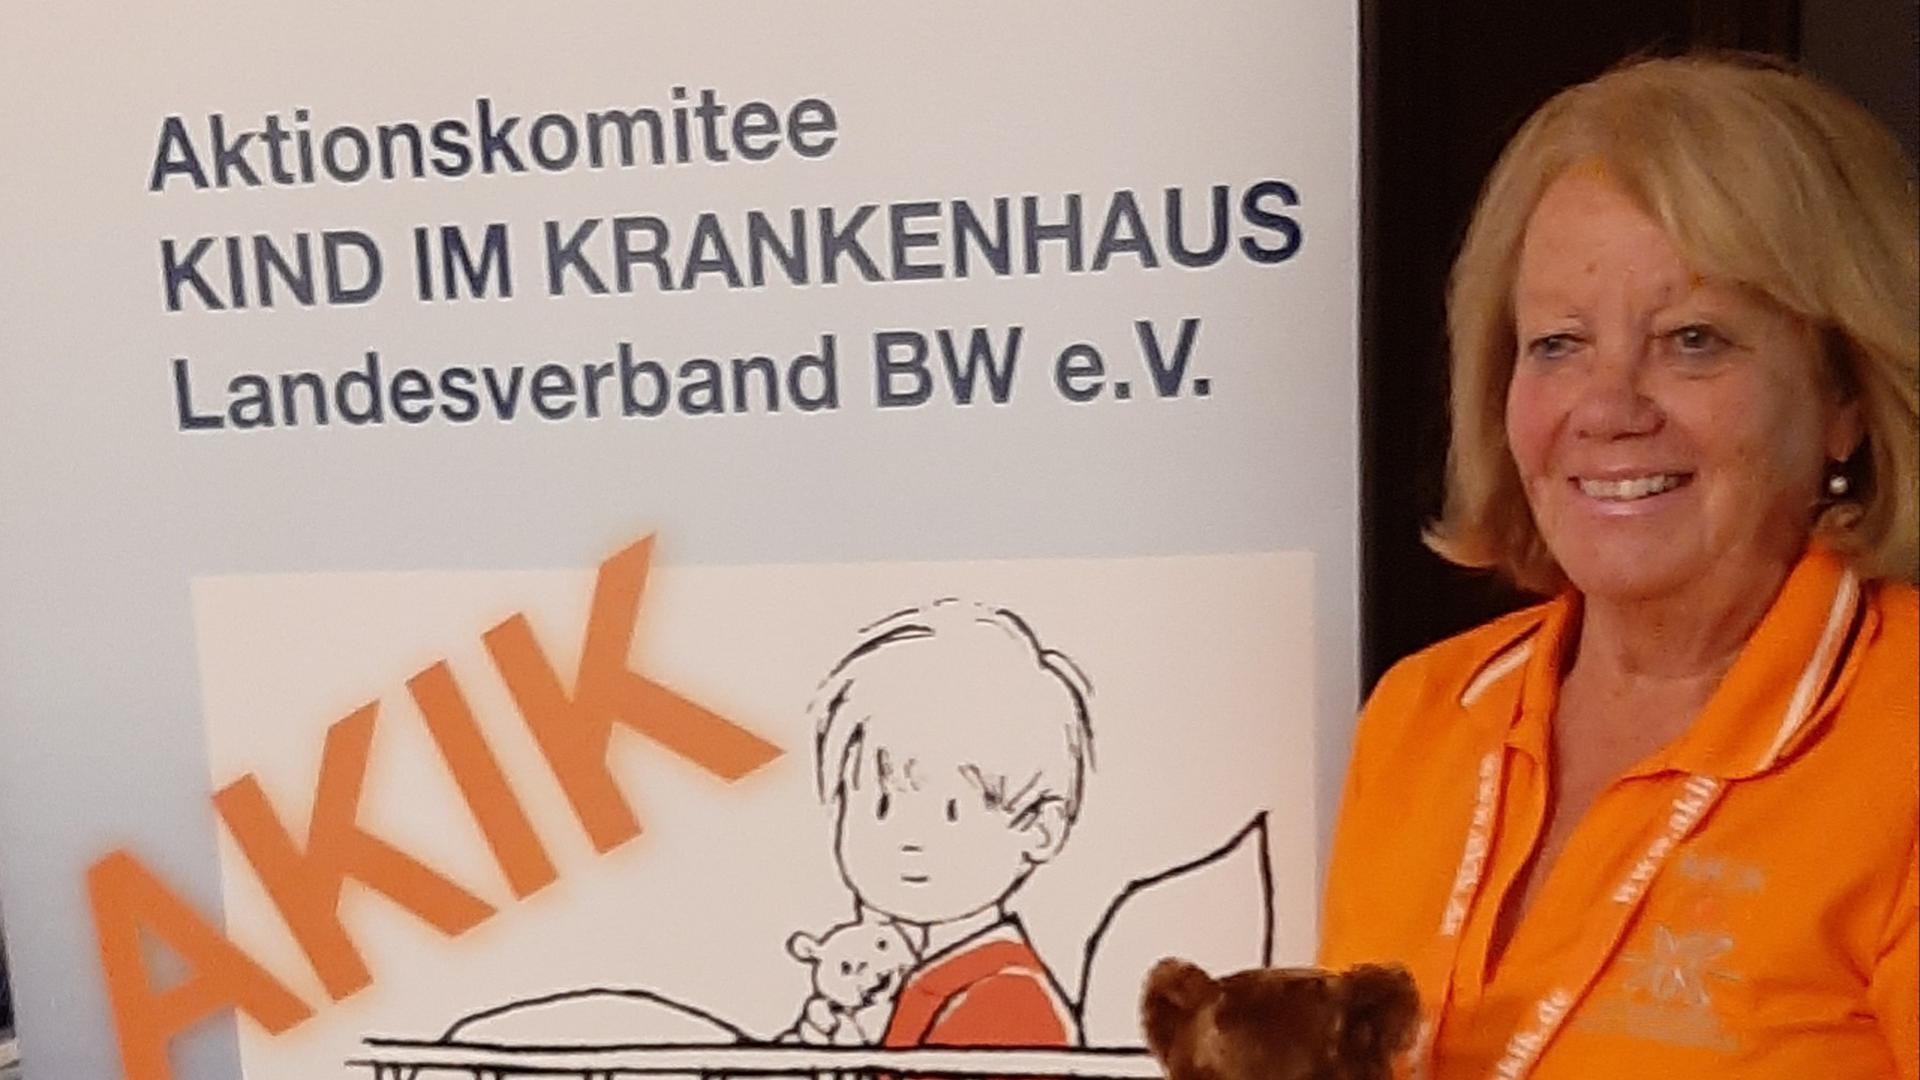 Monika Werner bei der Übergabe der Rettungsteddys. Die kleinen Bären werden an alle Rettungsteams ausgegeben und jährlich kostenlos an 1.000 bis 1.200 kleine Patienten verteilt.